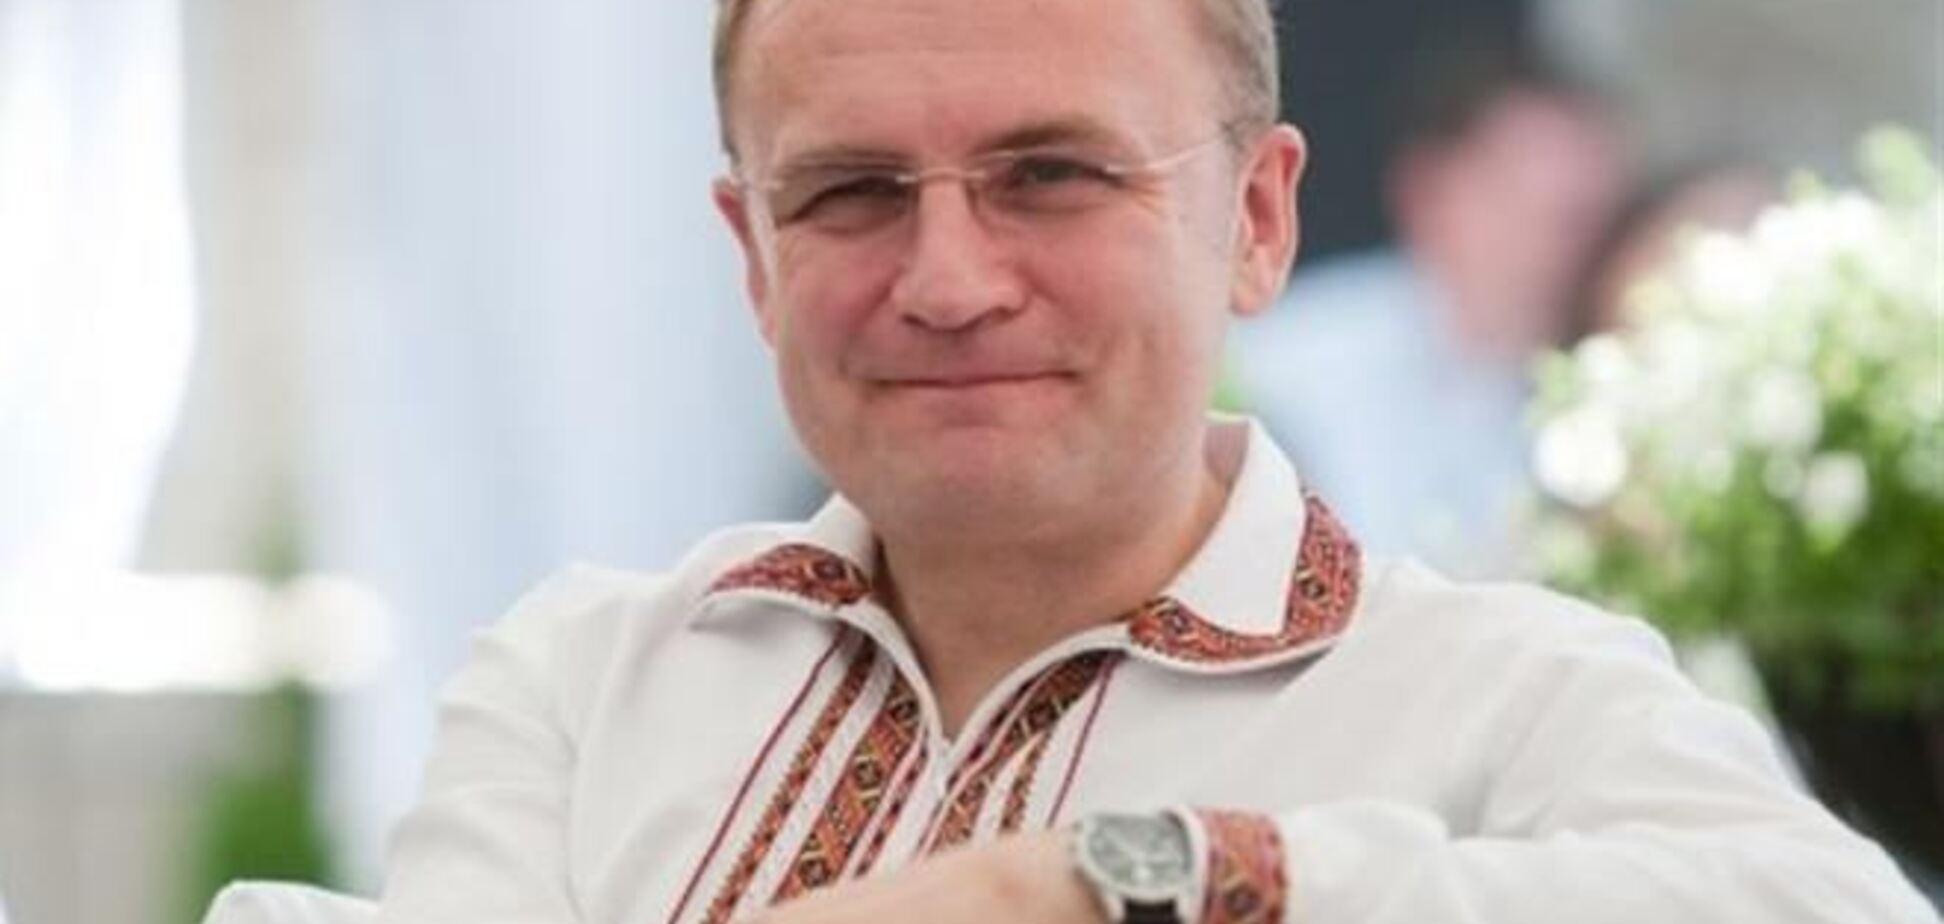 Защищать львовский Евромайдан будет весь город – мэр Львова